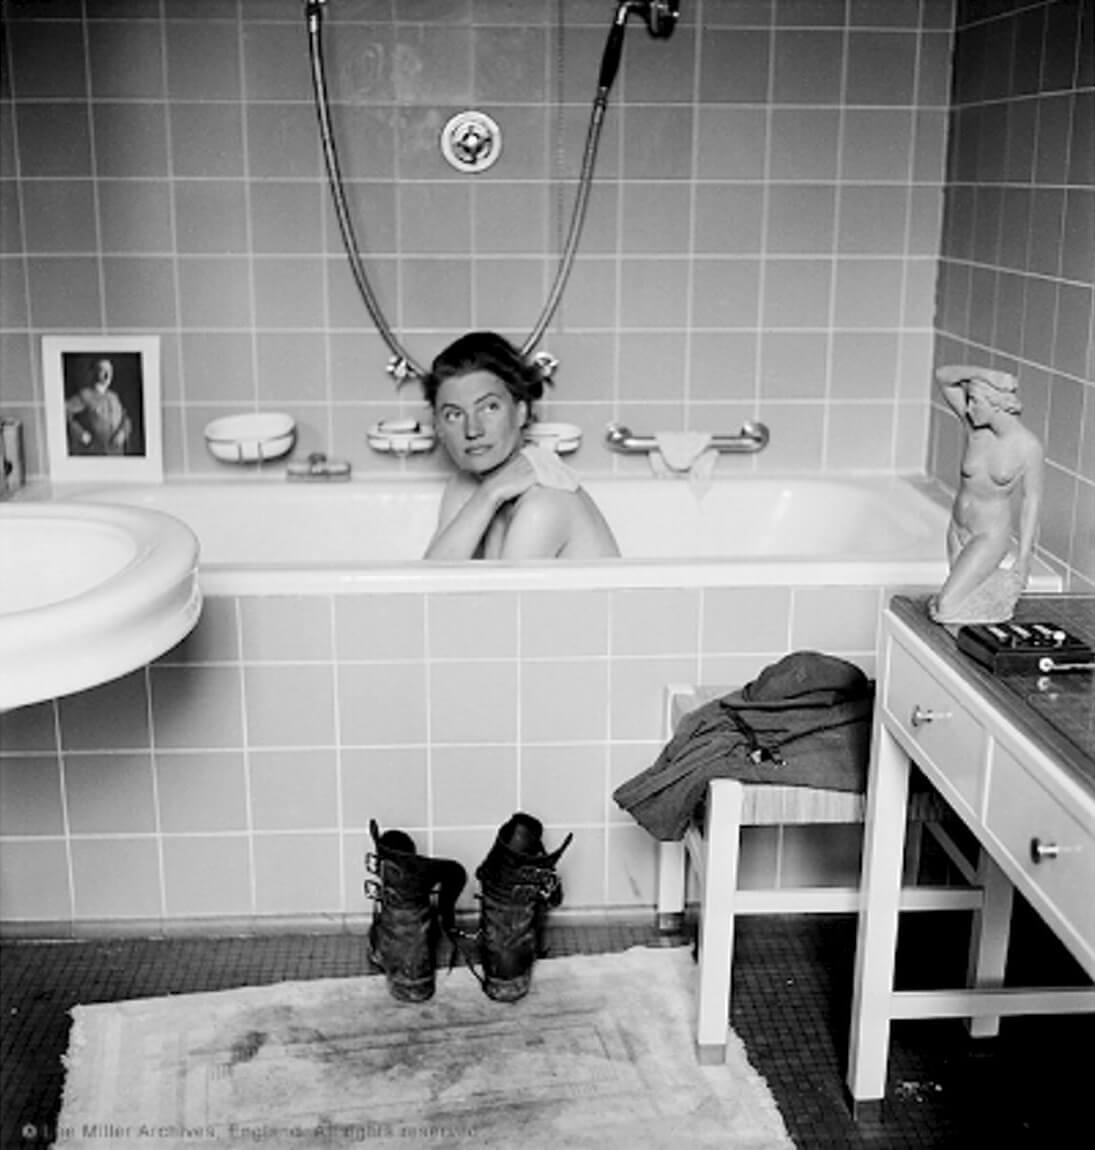 戰地攝影師Lee Miller在希特拉家中拍攝的照片。